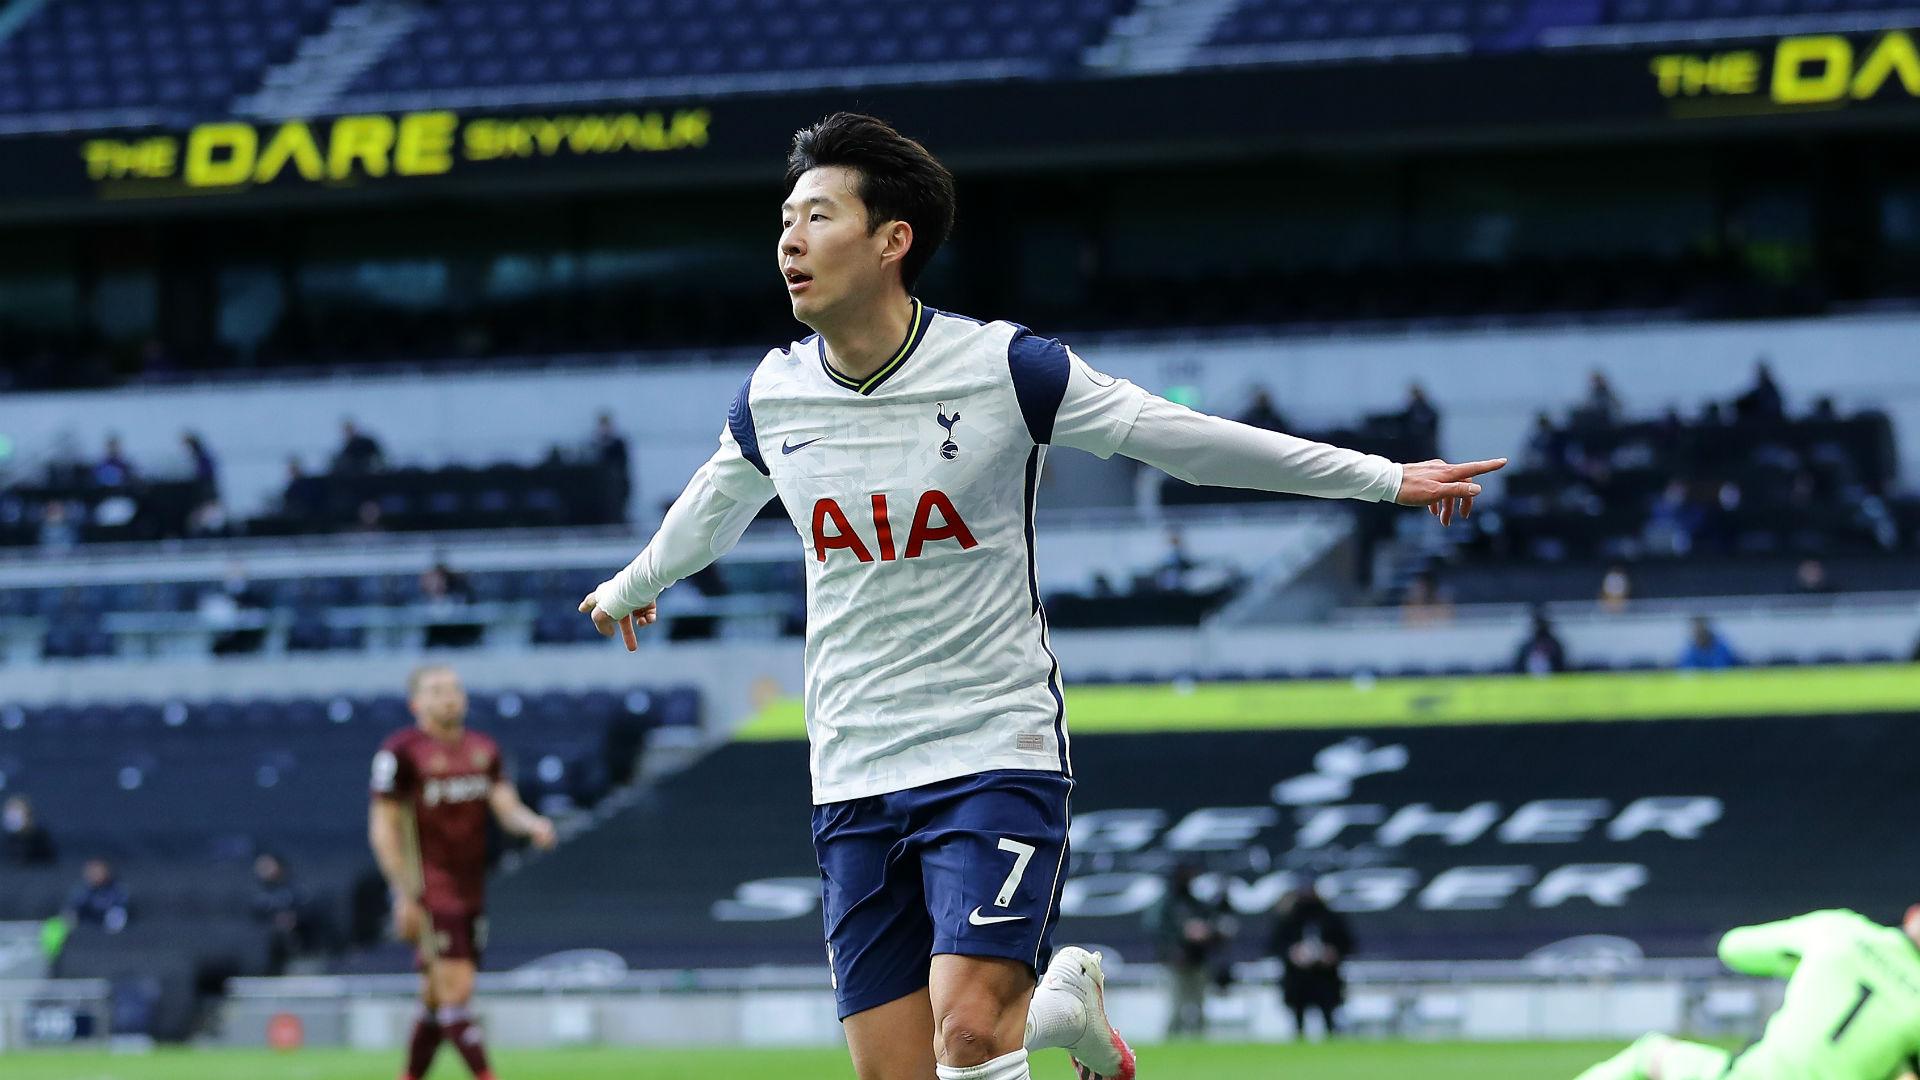 Tottenham century up for Son as Kane provides again